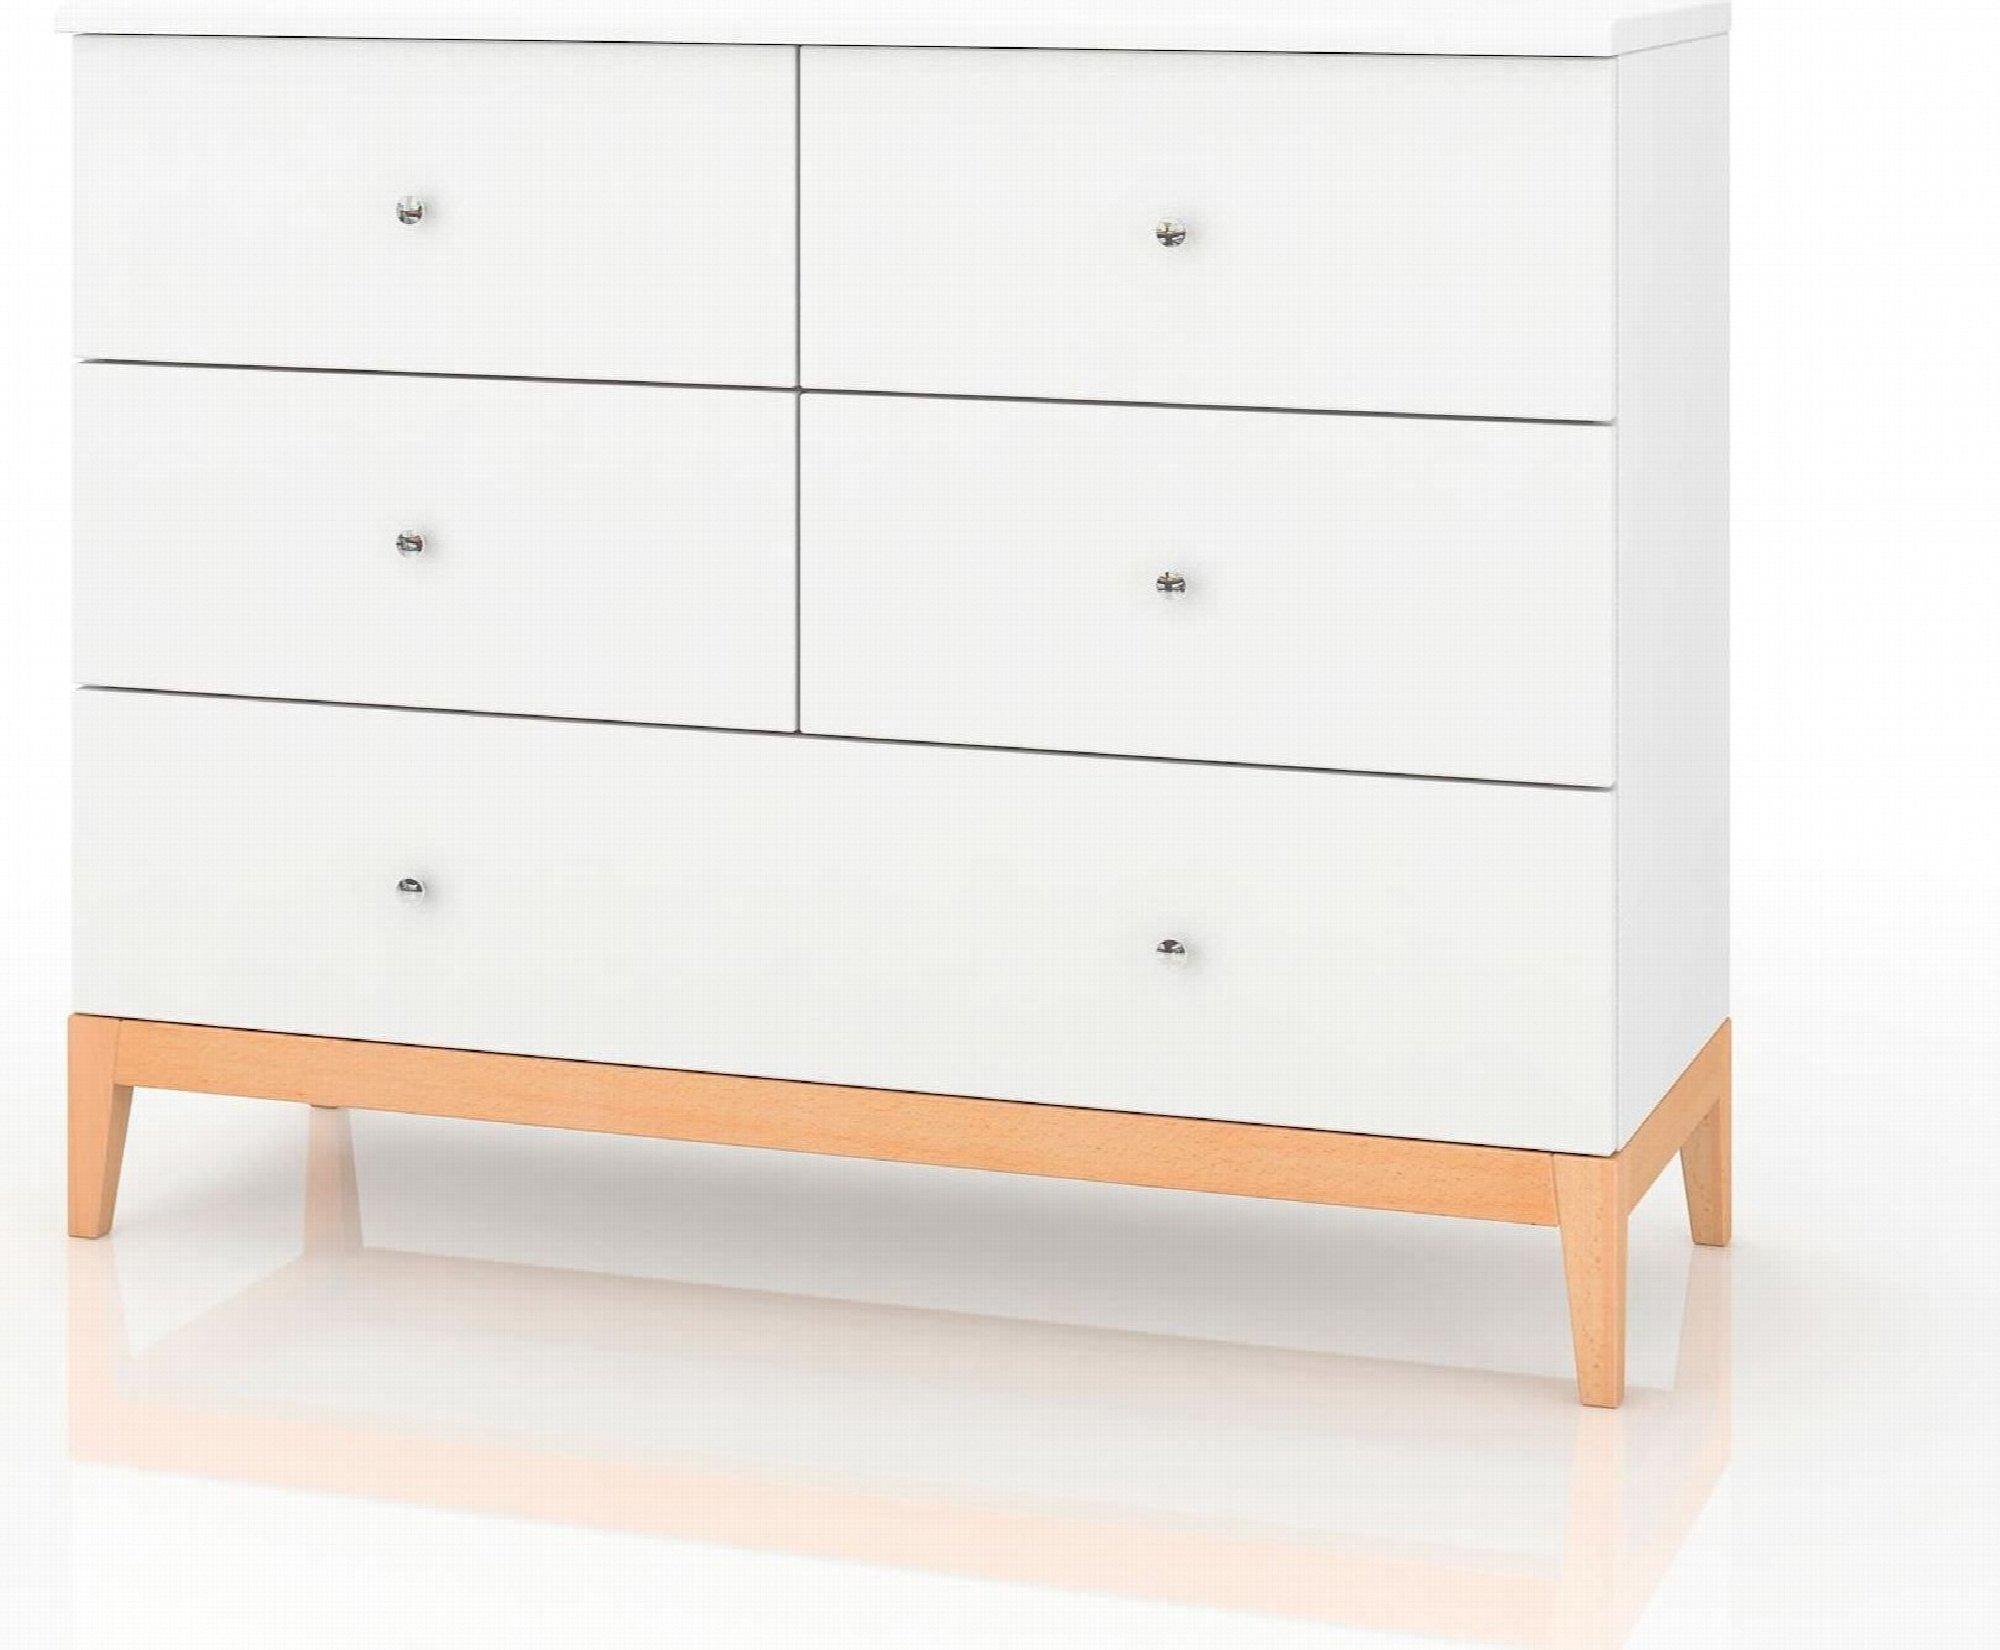 Commode 5 tiroirs en bois coouleur blanc et bois clair